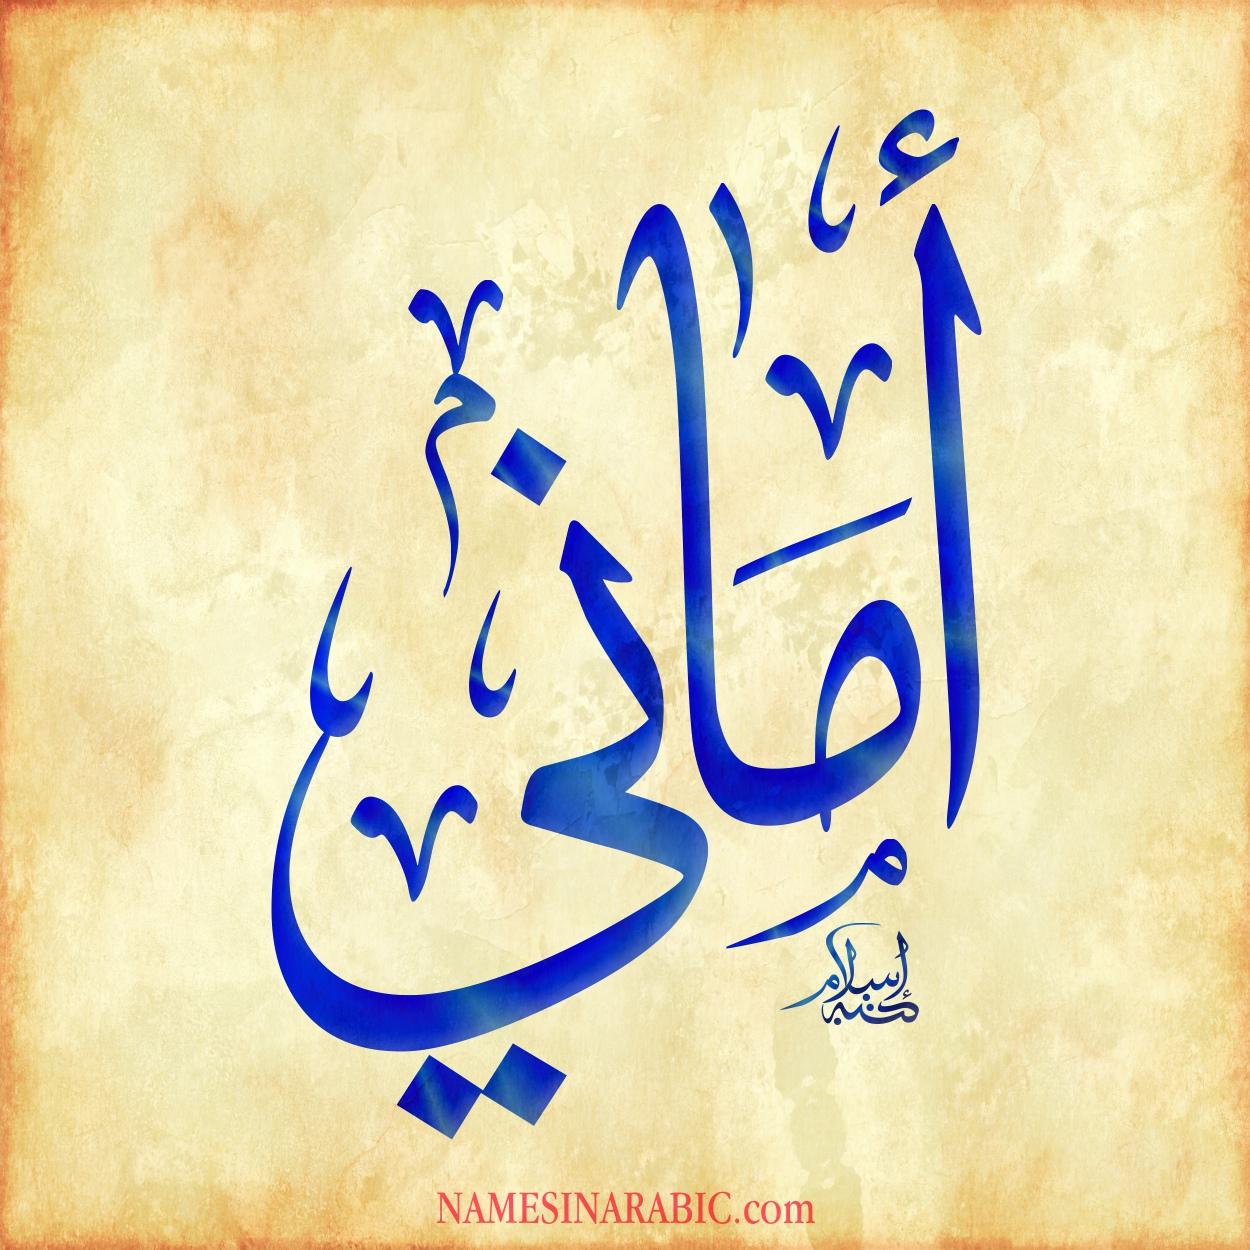 صورة اسم اماني Amany اسم اماني بالخط العربي من موقع الأسماء بالخط العربي بريشة الفنان إسلام ابن الفضل